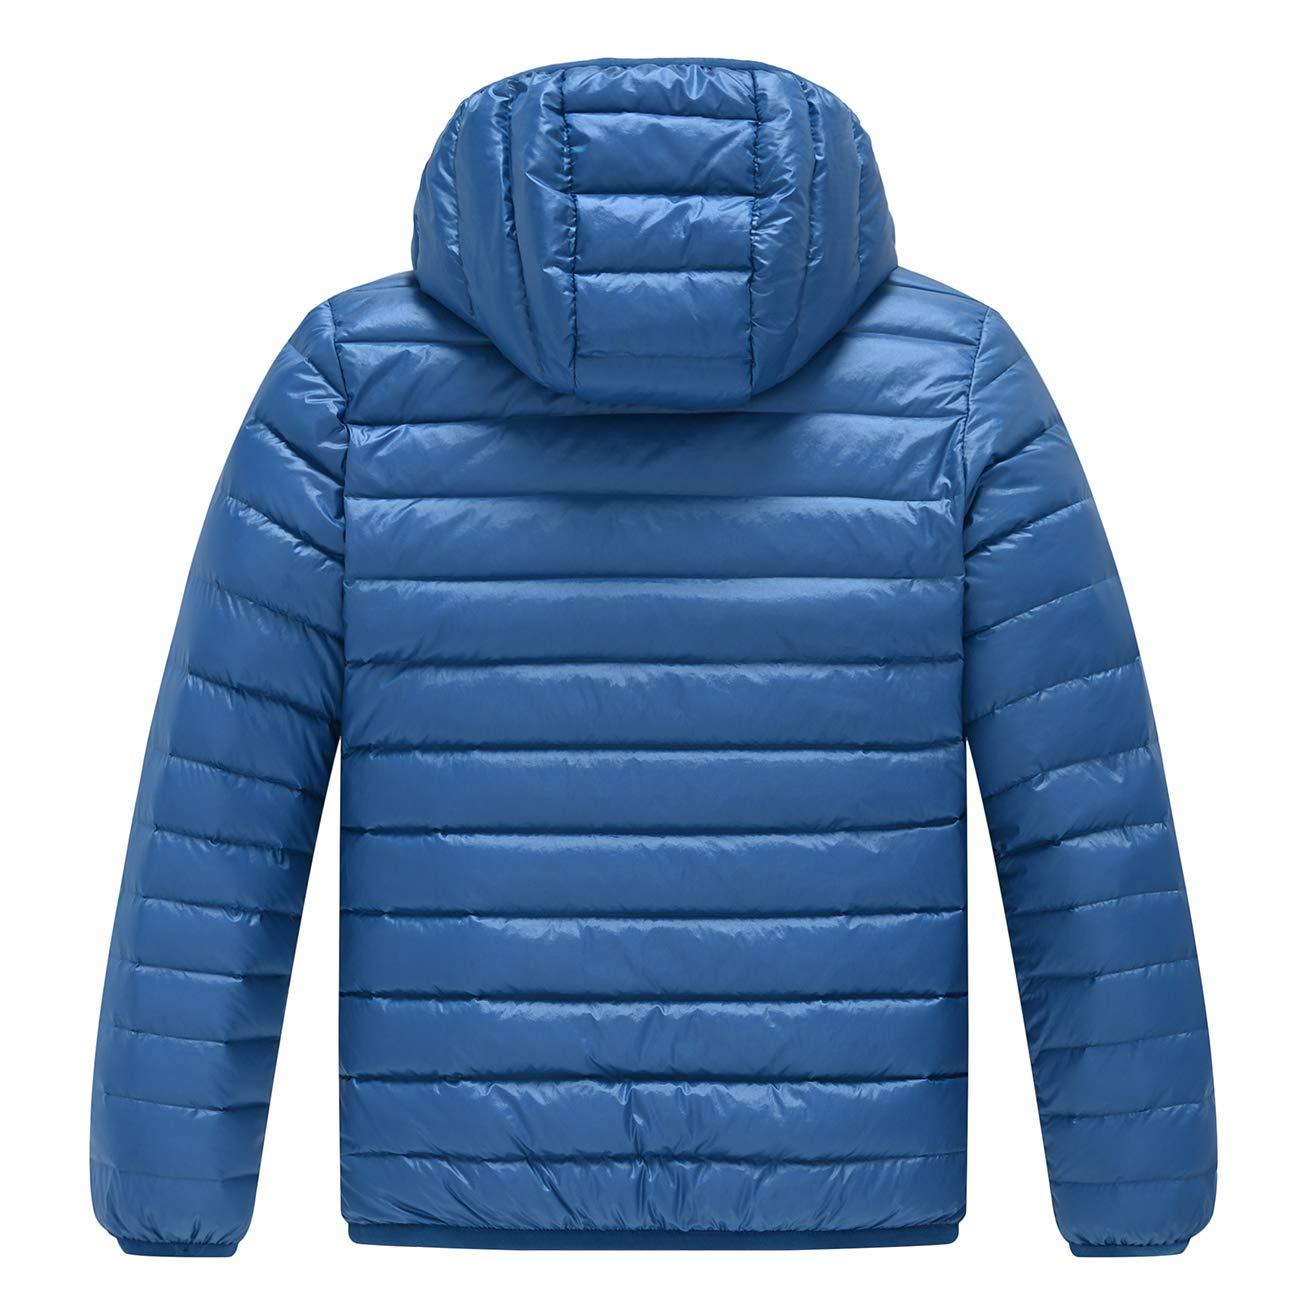 AYMA Ultra Light Boys Lightweight Packable Short Down Jacket